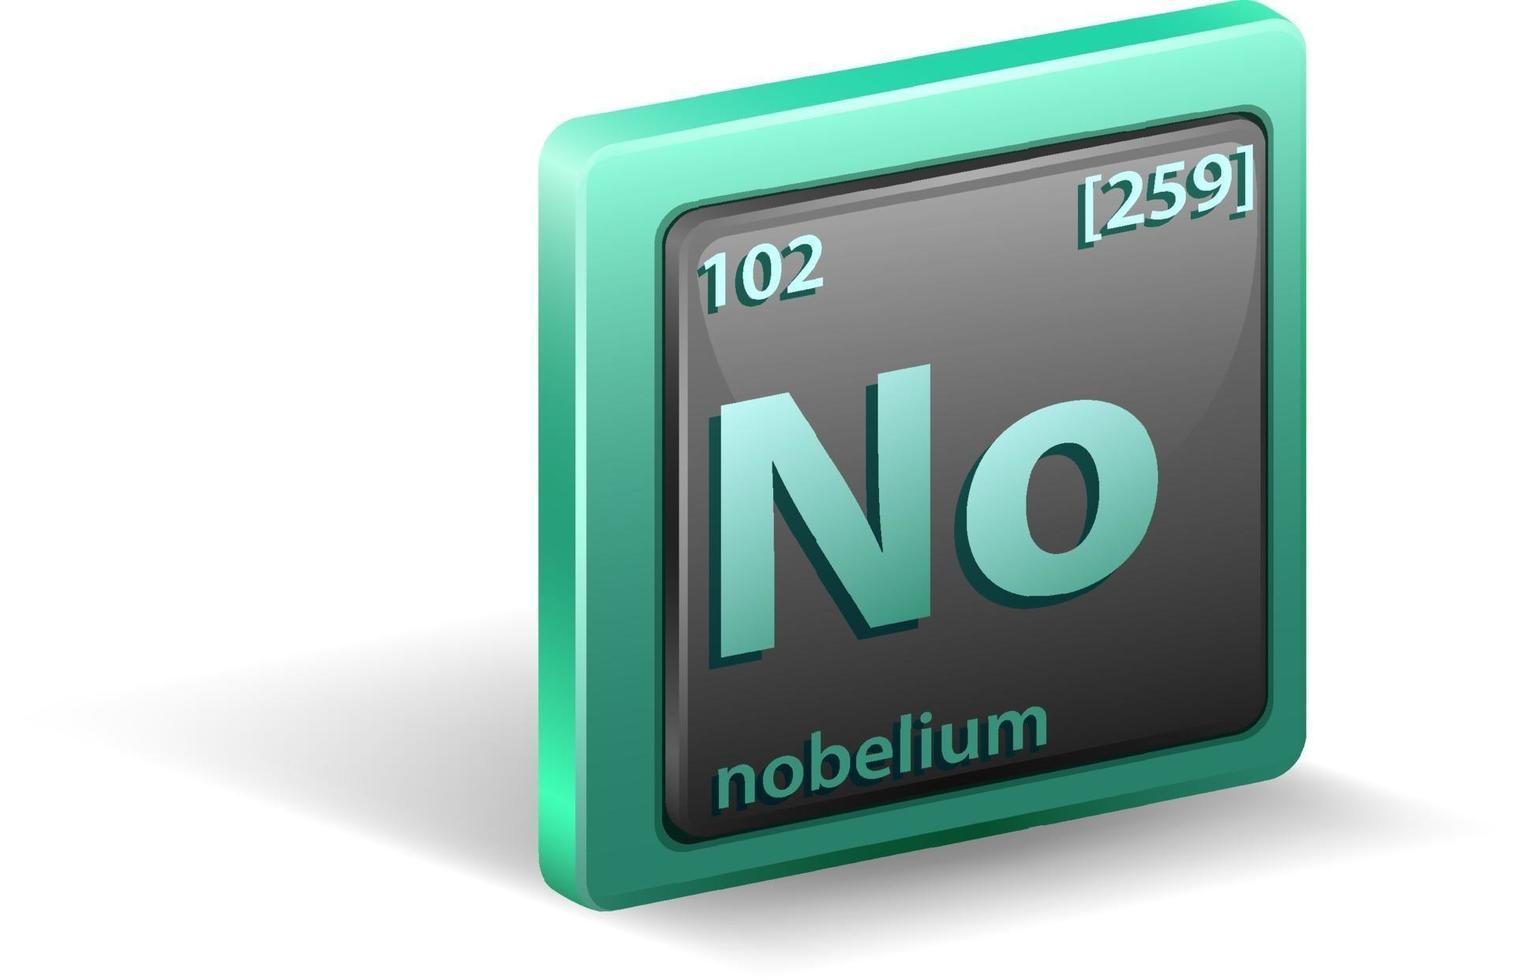 Nobelium chemisches Element. chemisches Symbol mit Ordnungszahl und Atommasse vektor